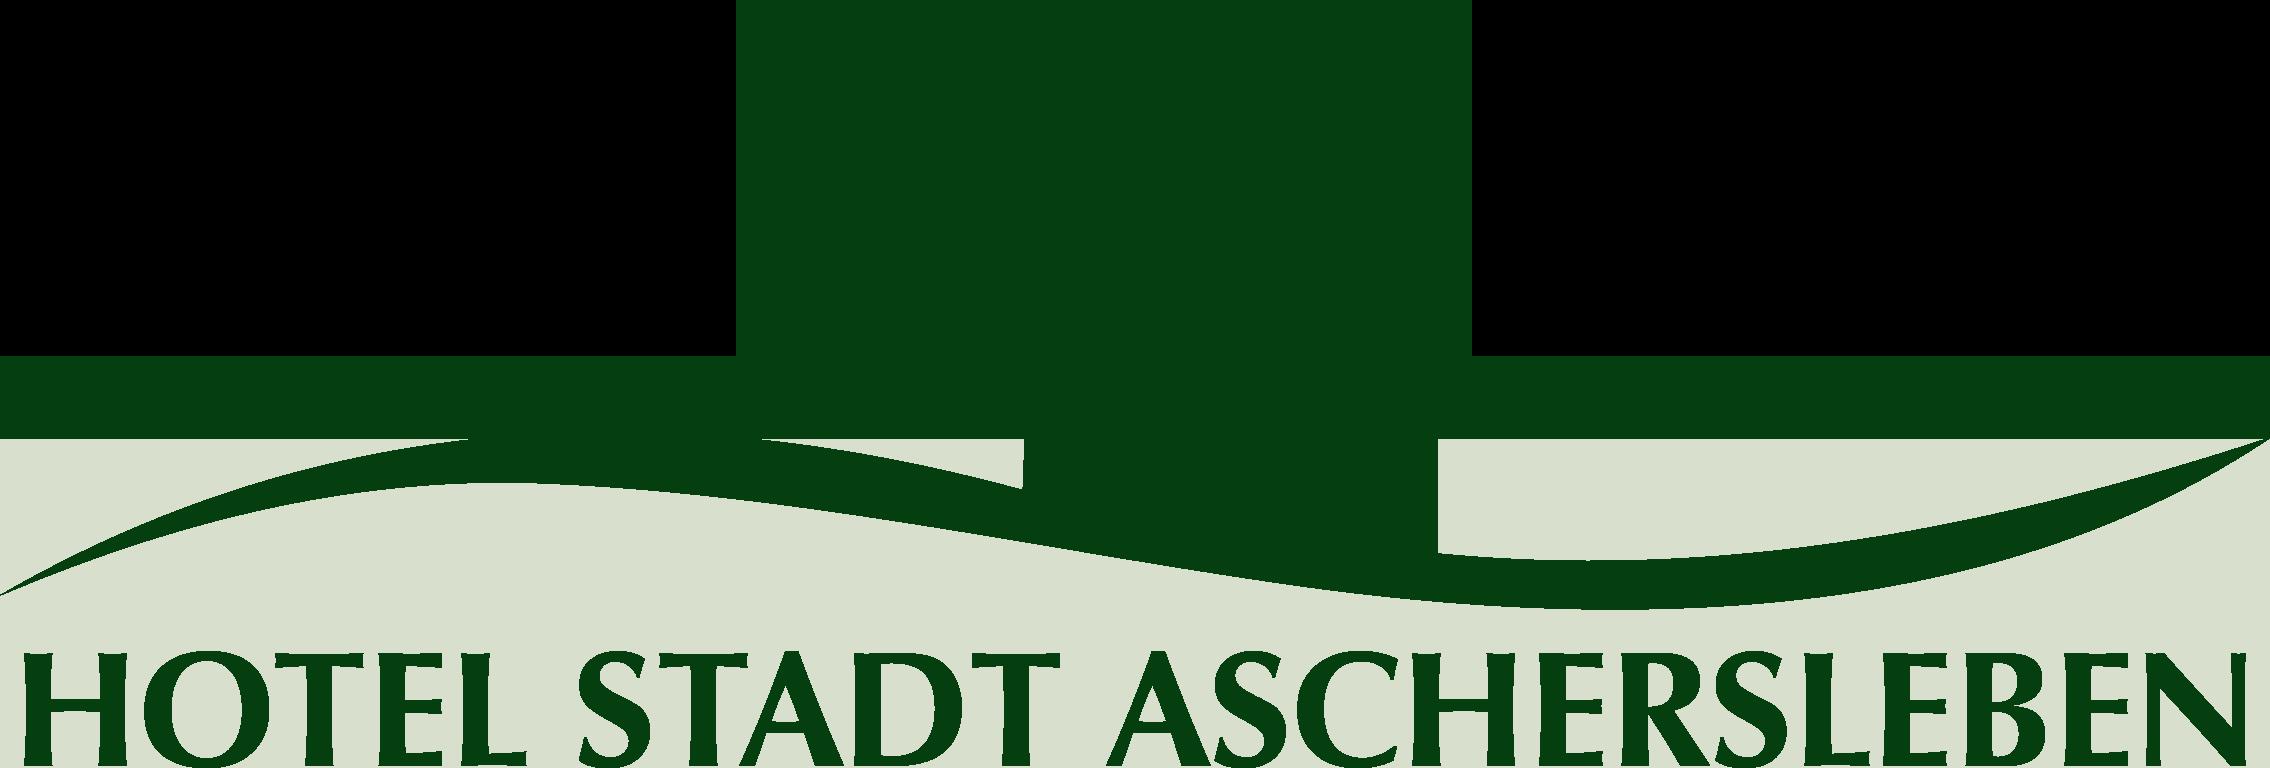 Hotel Stadt Aschersleben